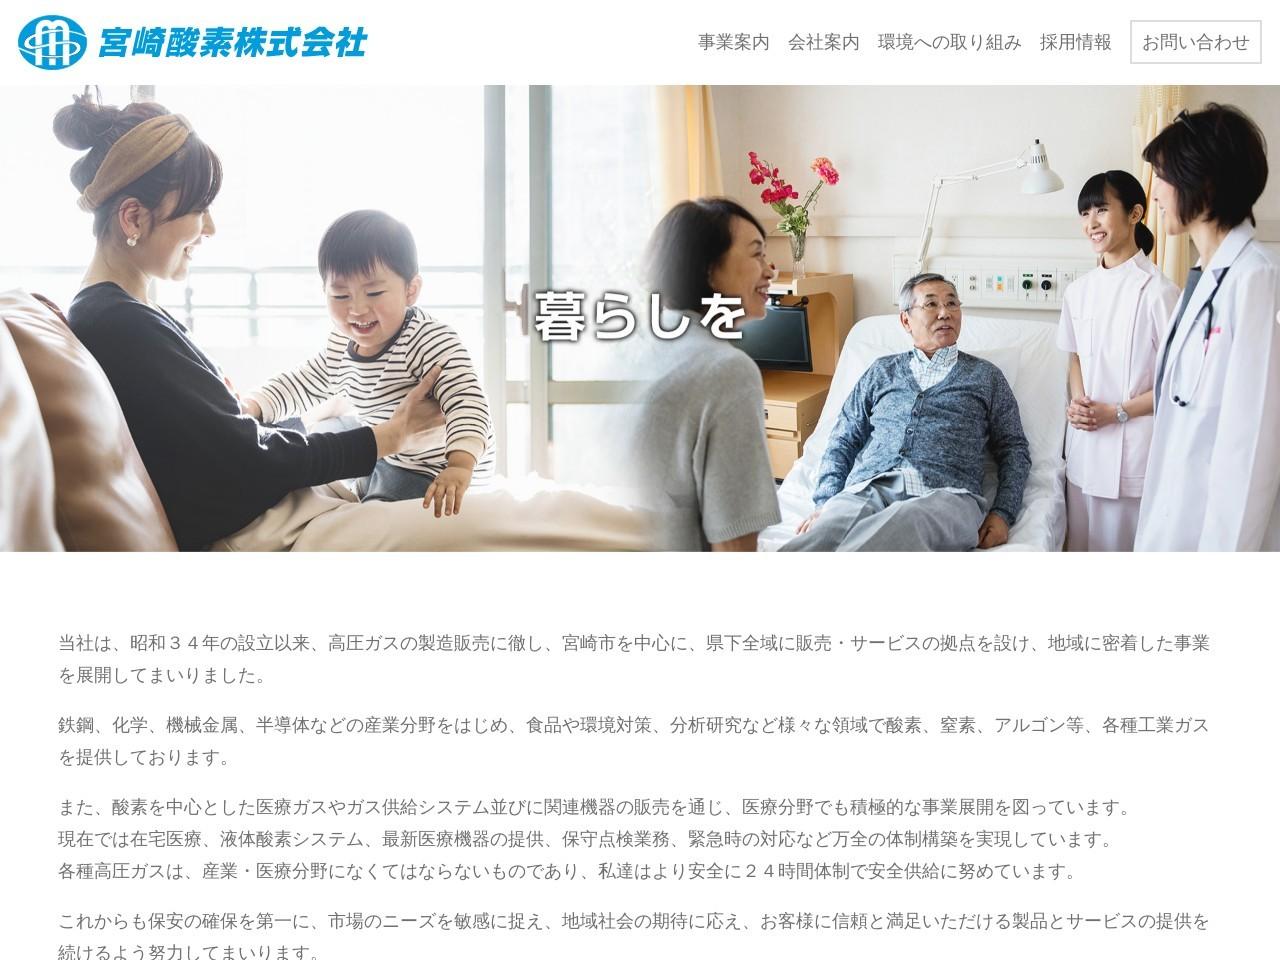 宮崎酸素株式会社